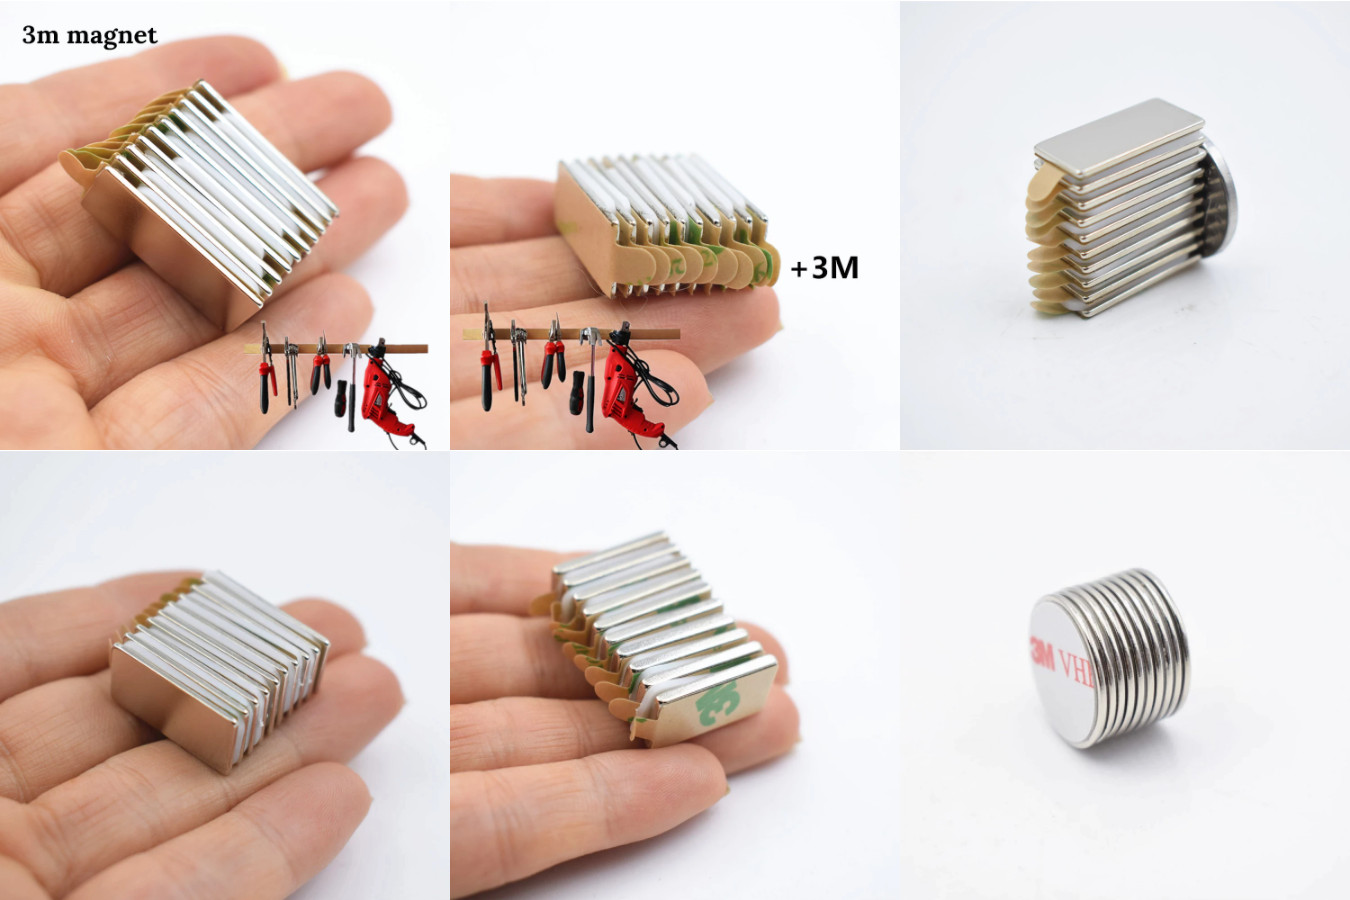 Небольшие, но при этом одни из самых мощных неодимовых магнитов в подборке